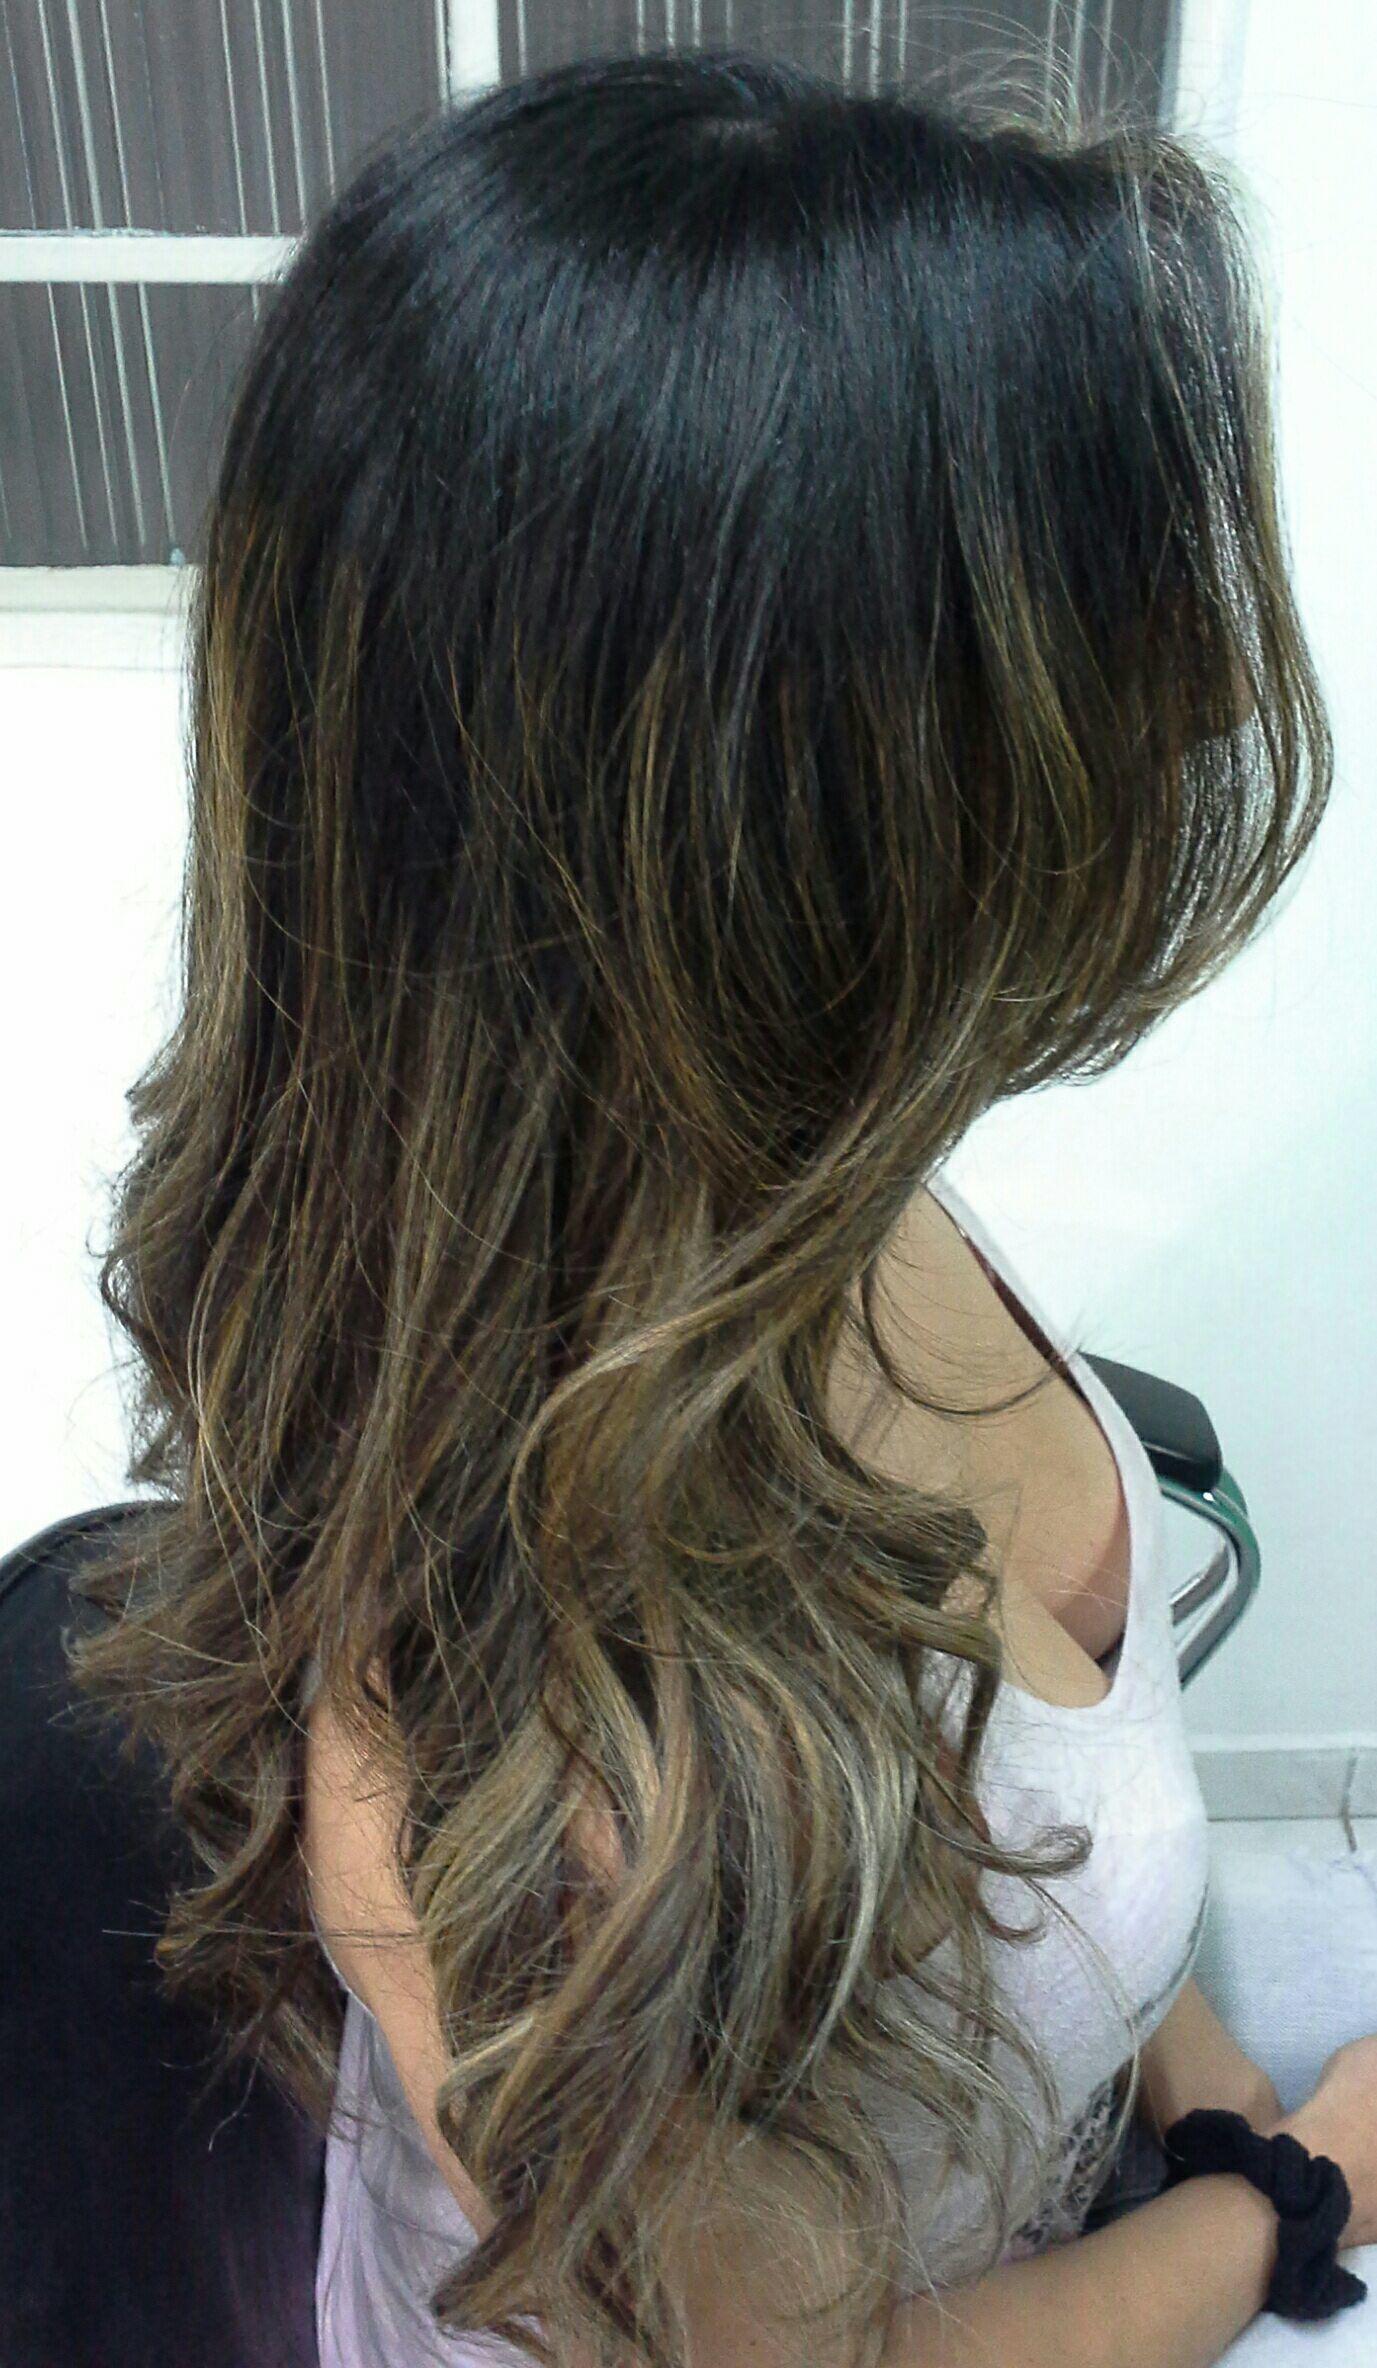 Ombre hair e corte degradê simétrico  Vera visagista , cabelereira cabelo stylist / visagista cabeleireiro(a)